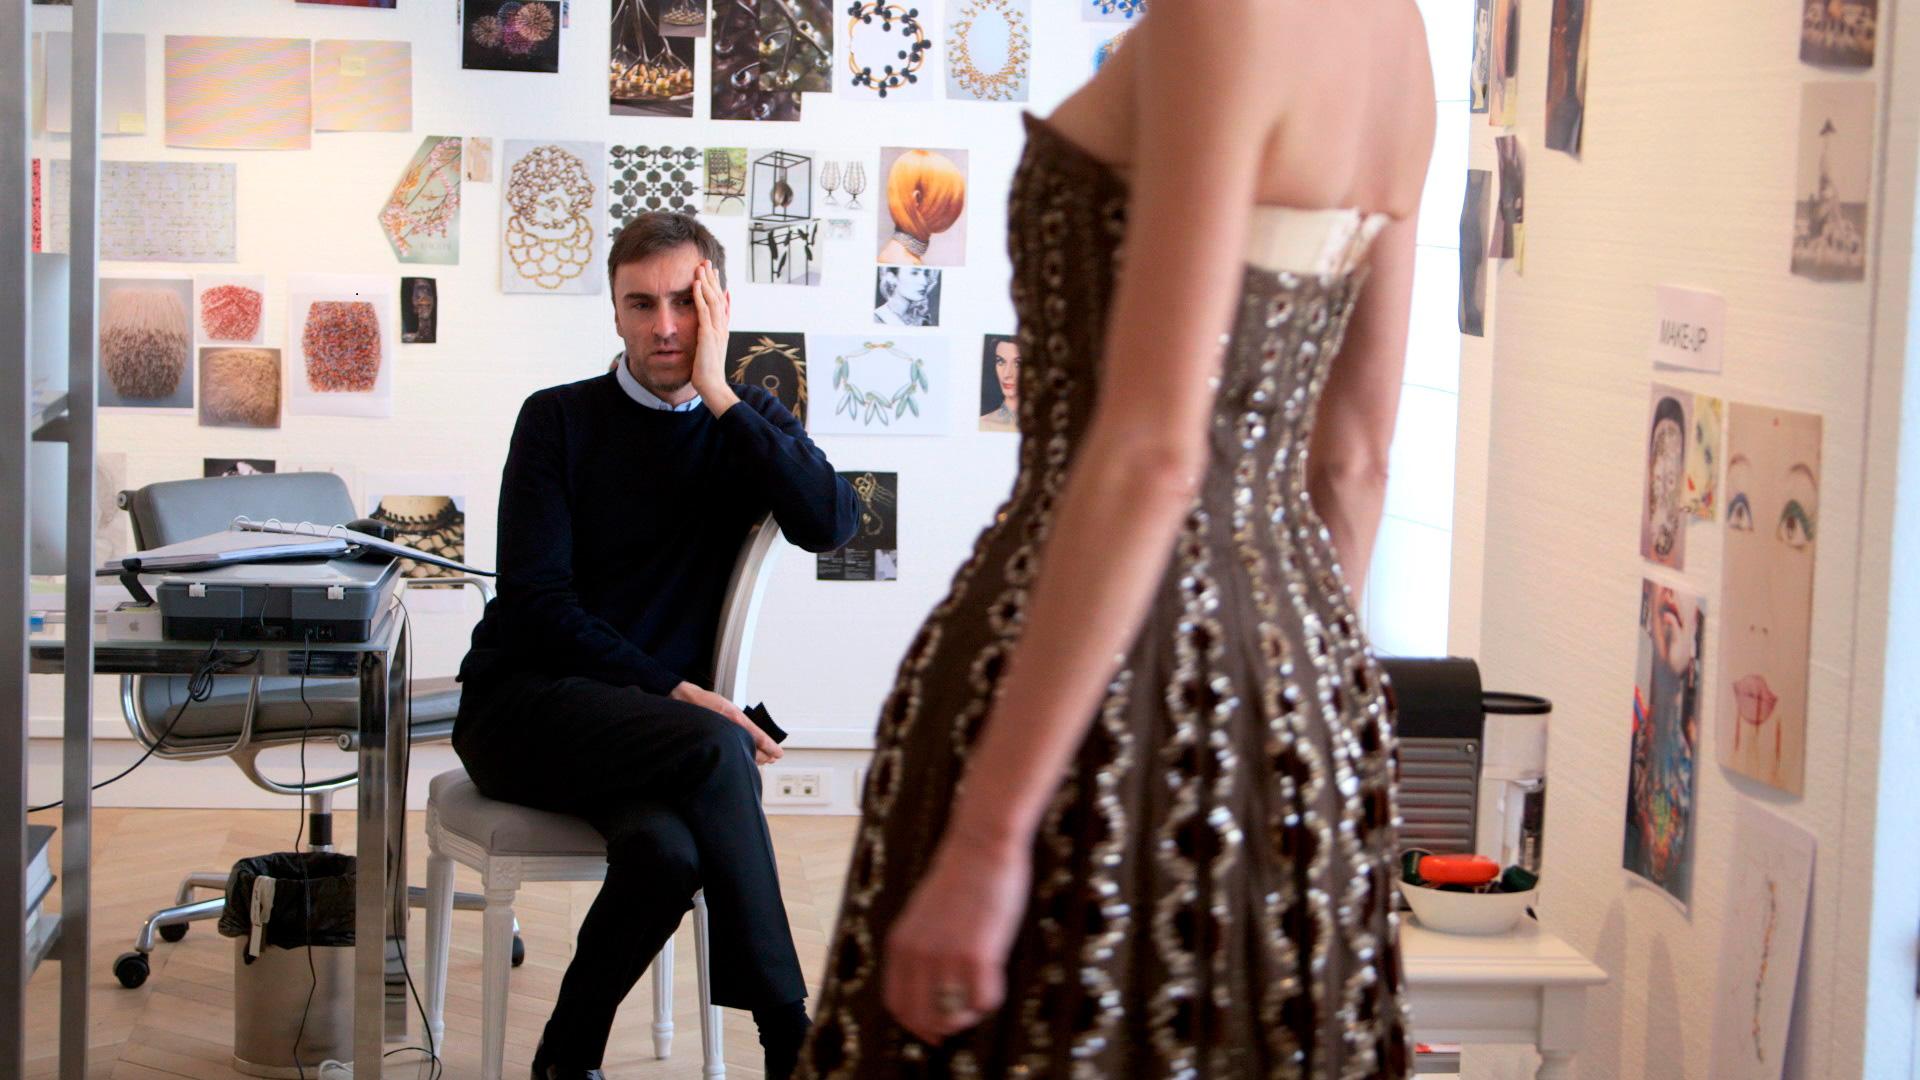 Dior-e-eu-filme-estreia-raf-simons-christian-dior-1